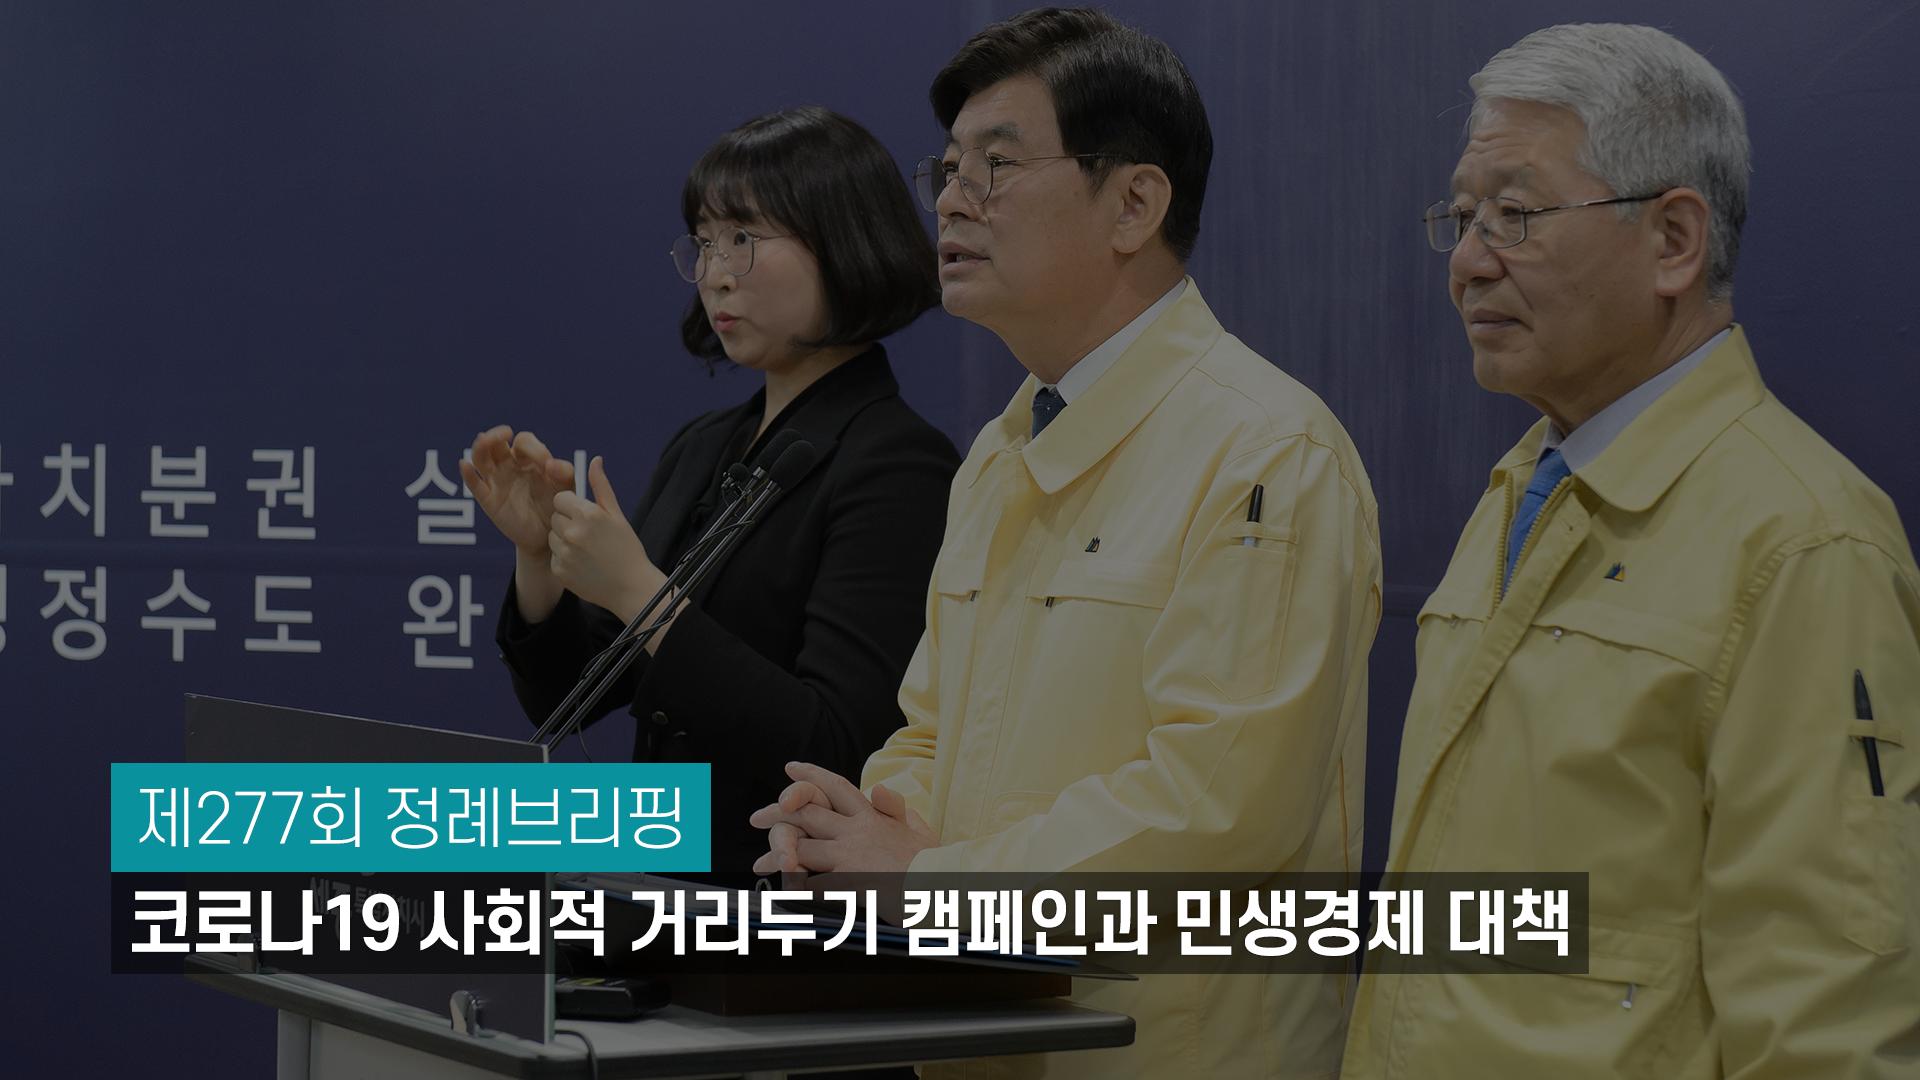 <227번째 정례브리핑> 코로나19 사회적 거리두기 캠페인과 민생경제 대책